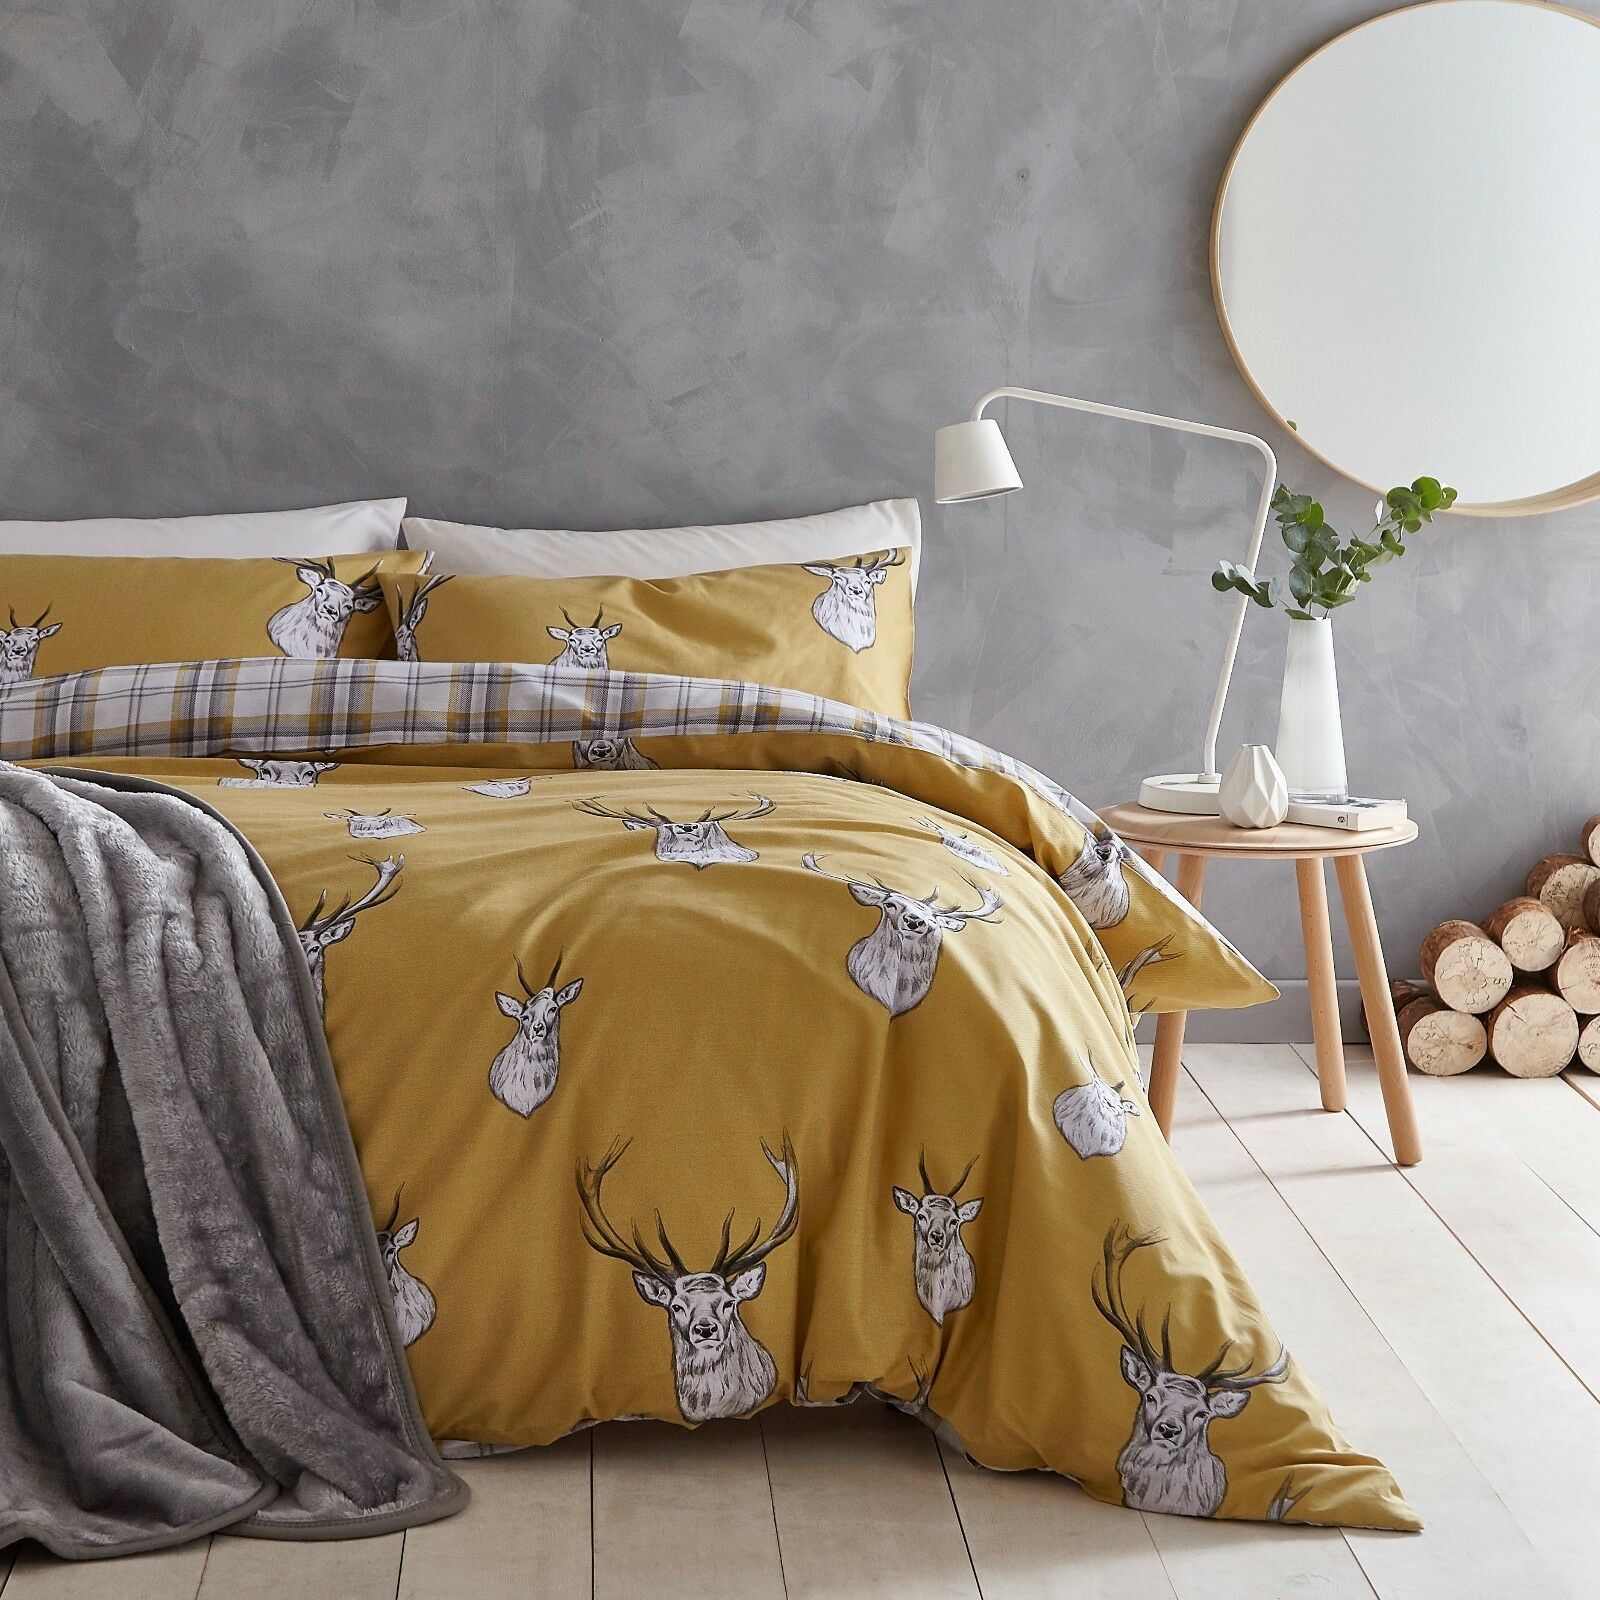 Duvet Cover Bedding Set Single for £13.99 DELIVERED on ebay